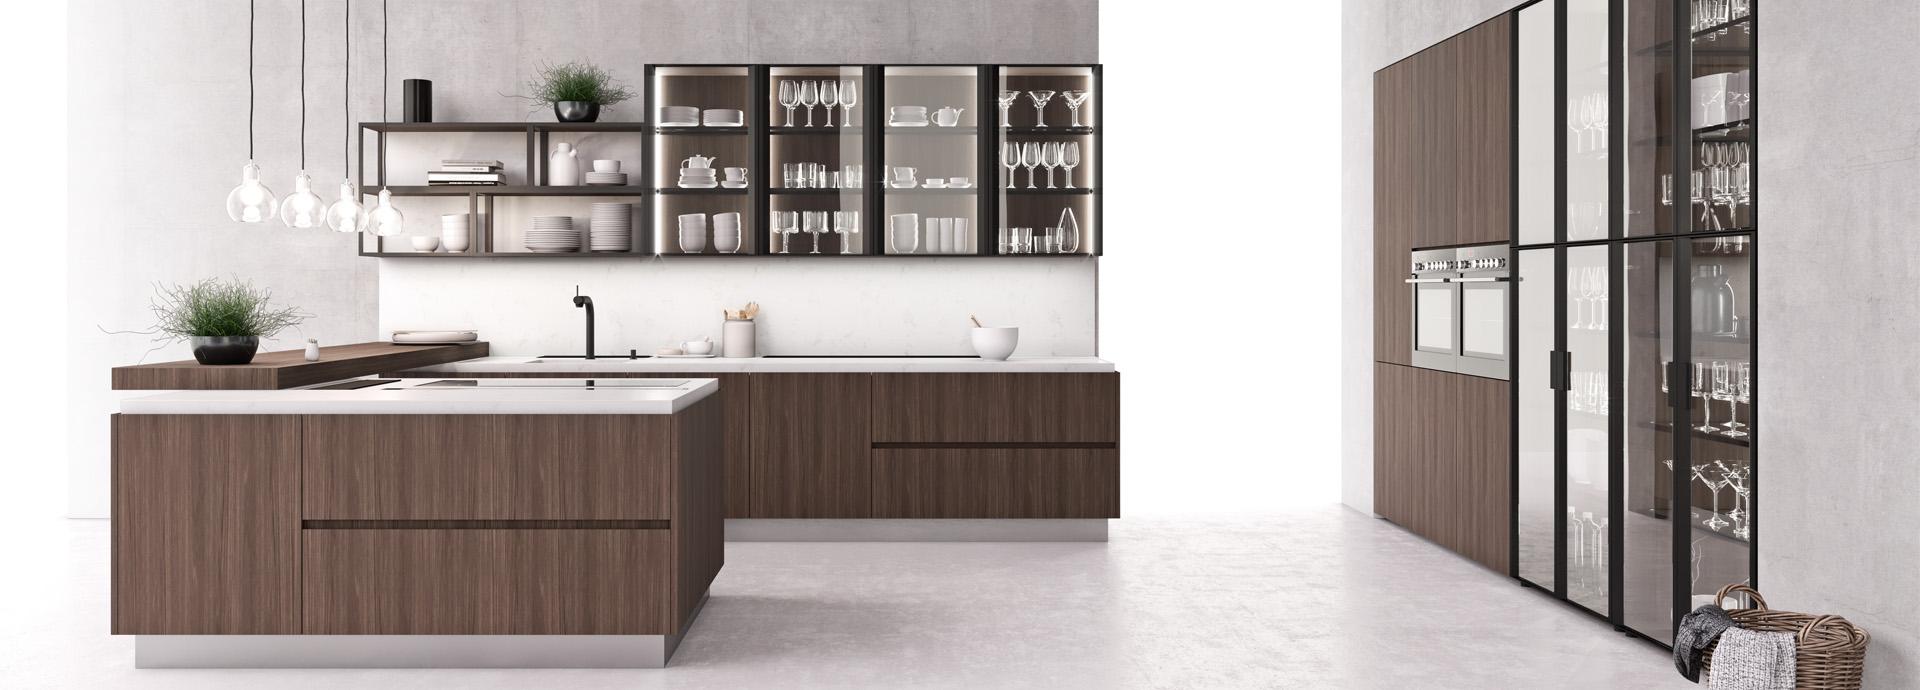 Кухня S-22